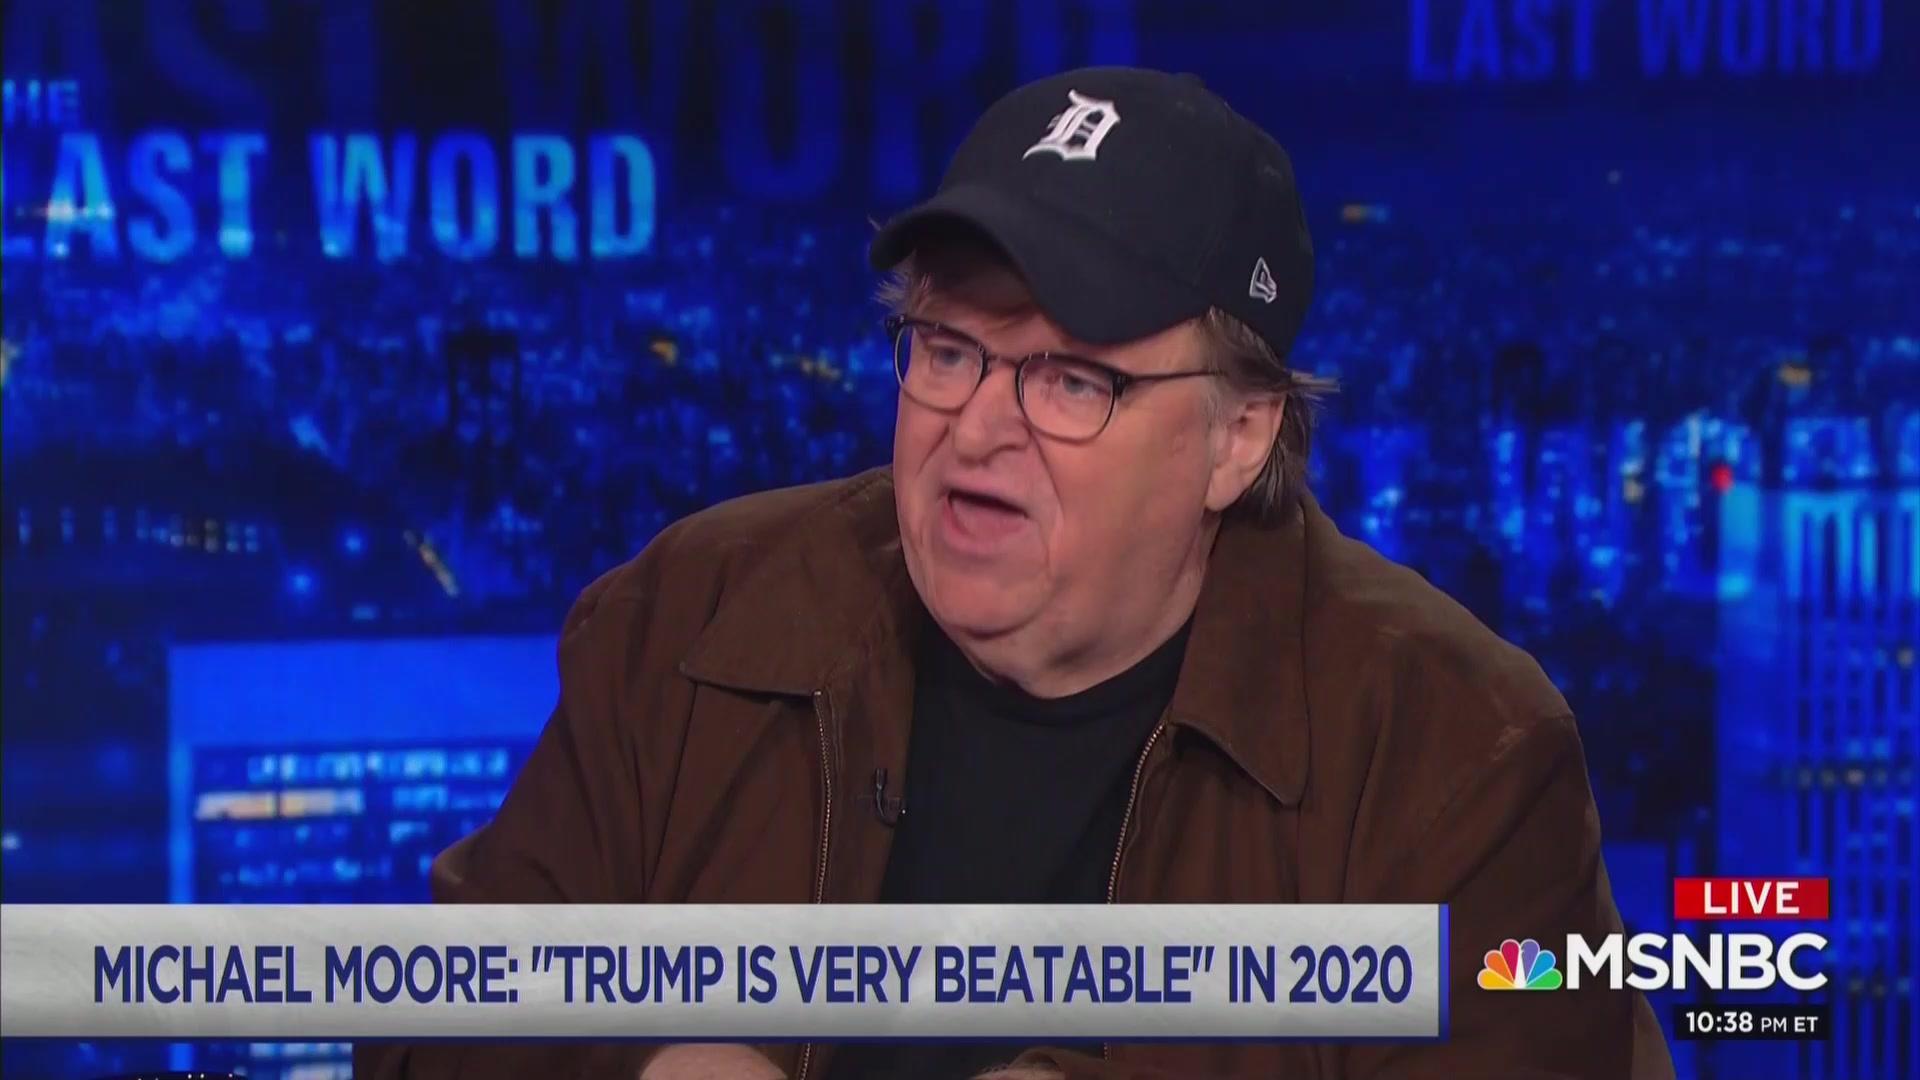 Michael Moore: Trump Is 'Very Beatable' in 2020